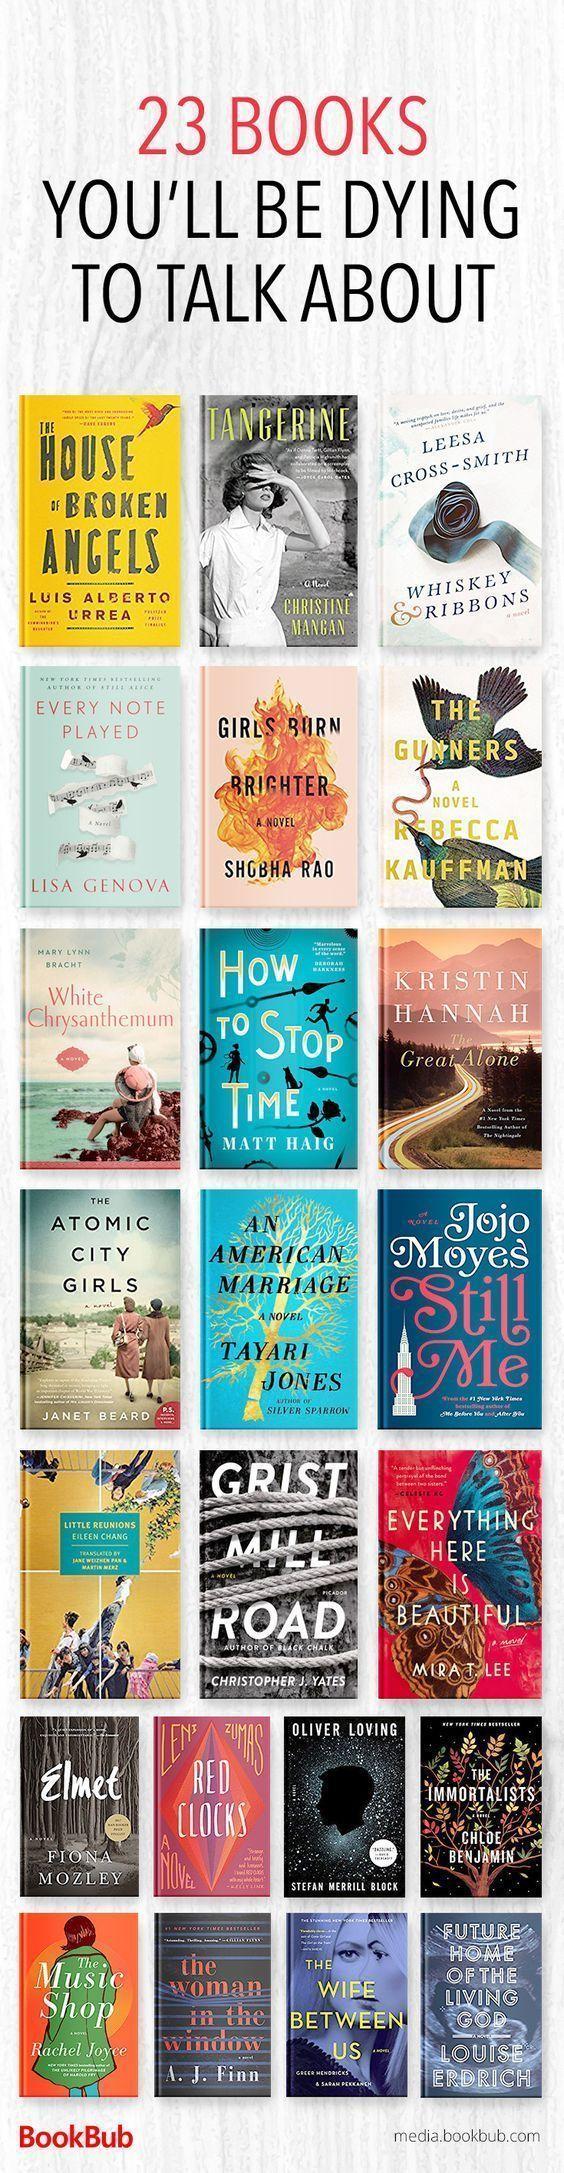 Die besten Bücher, die es wert sind, im Jahr 2018 gelesen zu werden, darunter dasjenige beliebte und meistverkaufte Fiction-Buch